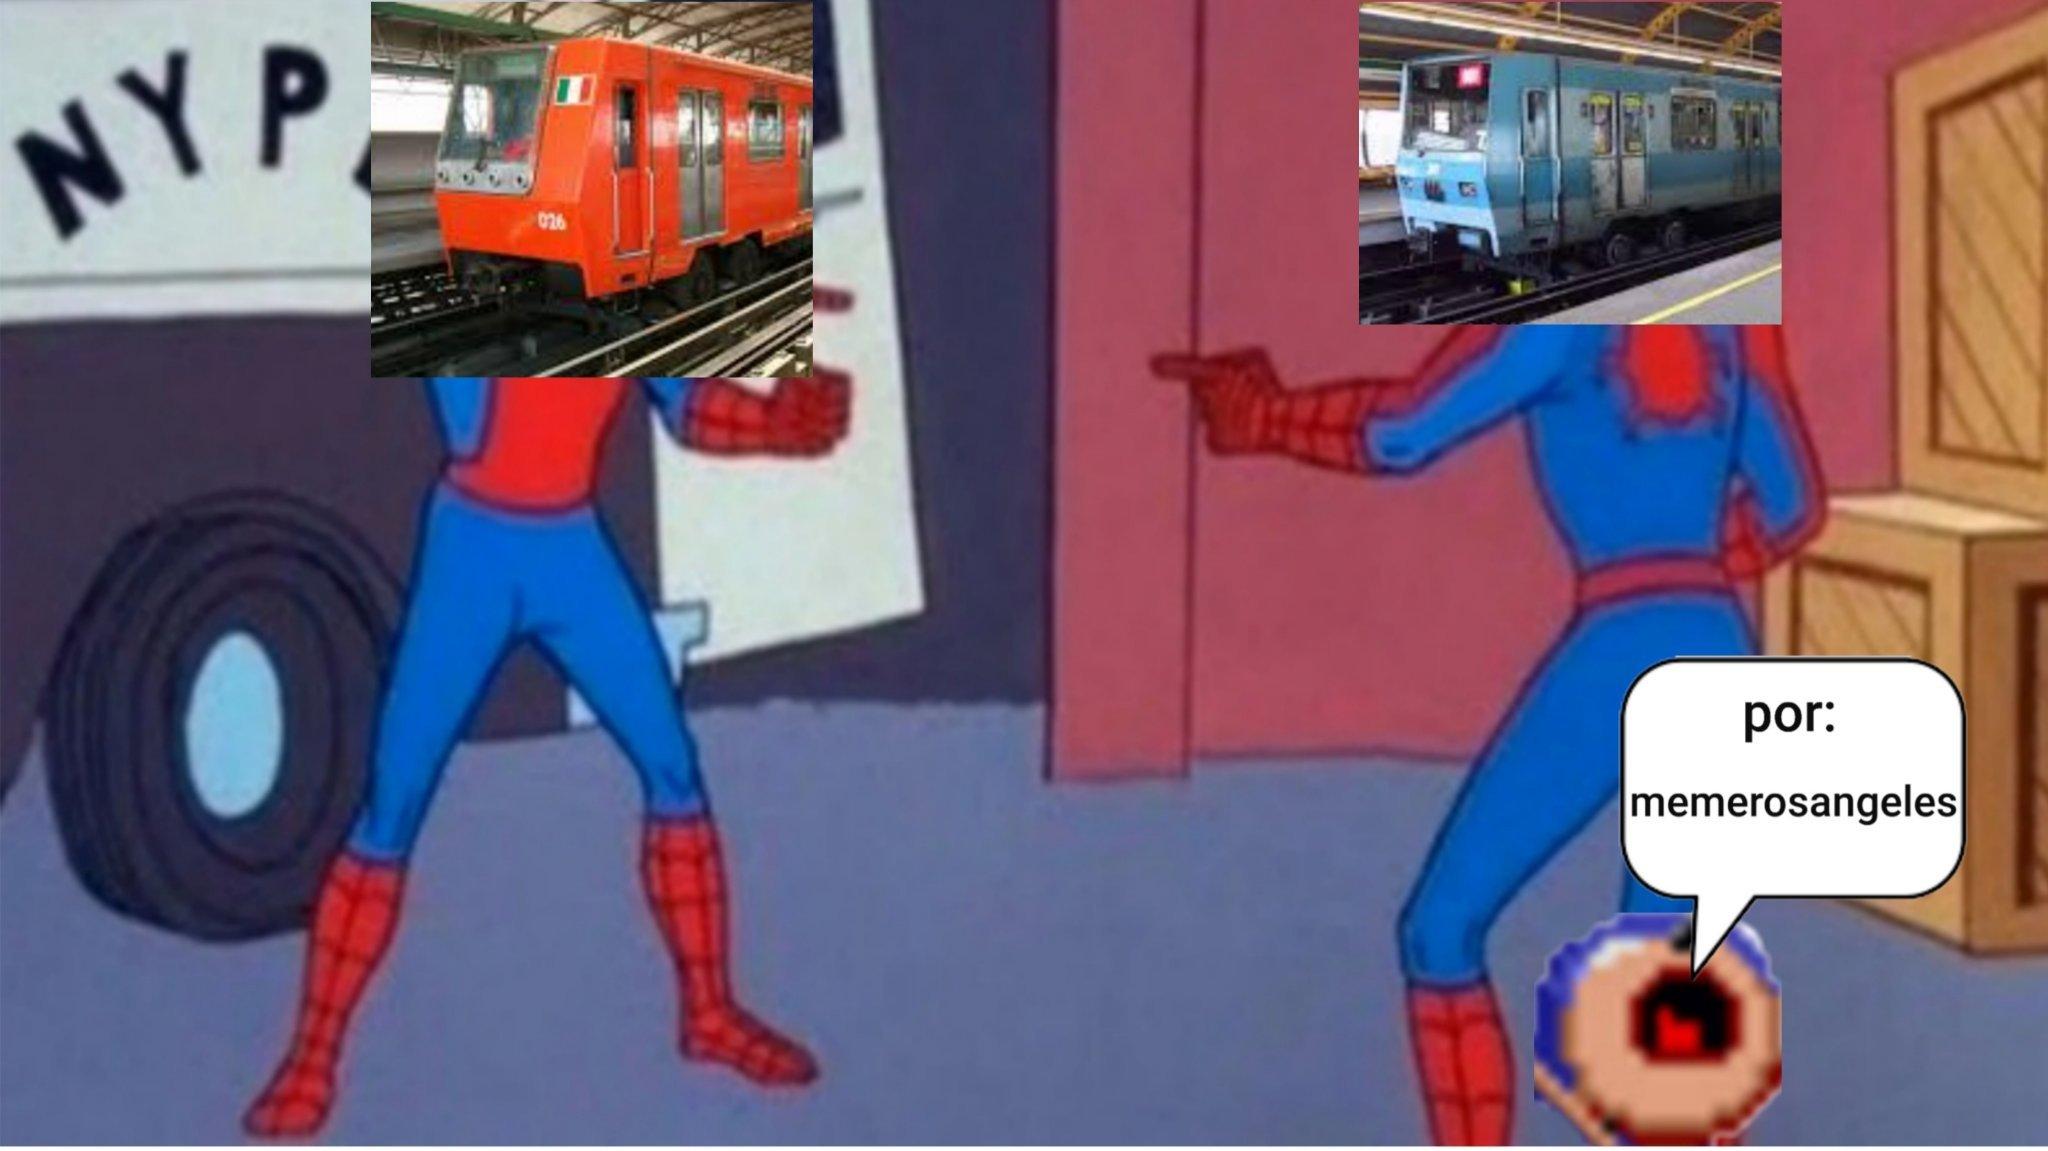 Son casi iguales - meme